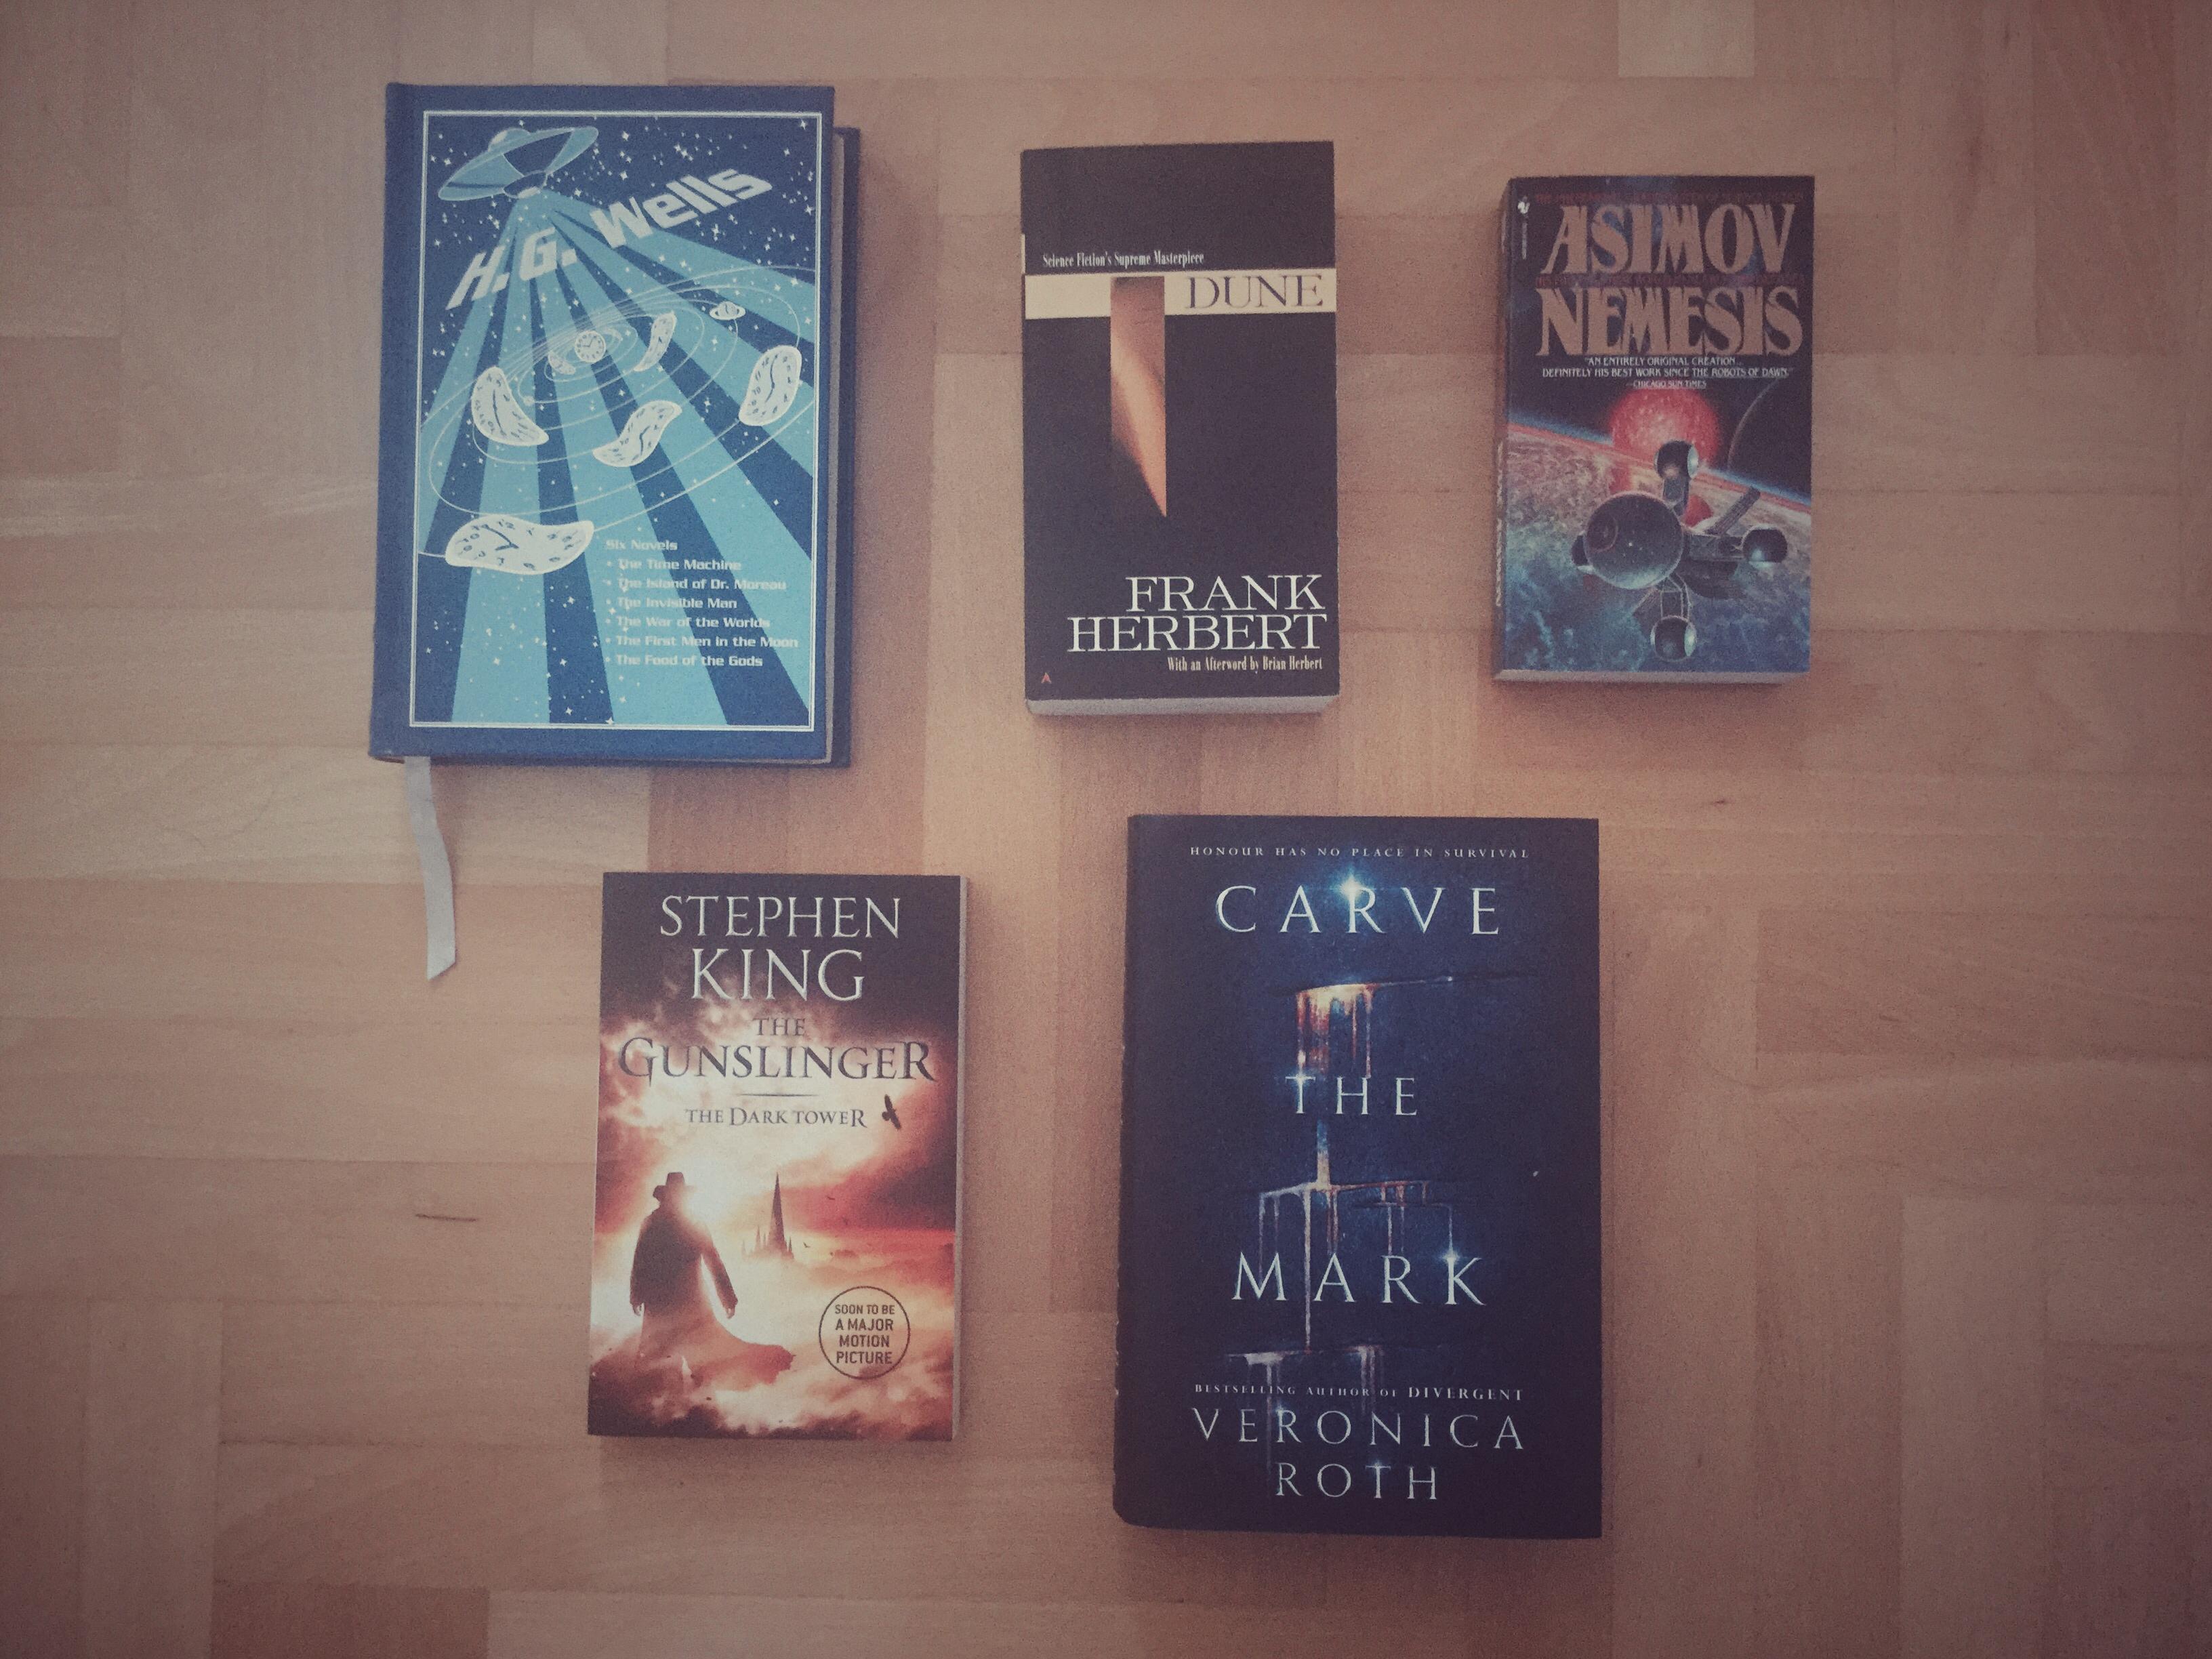 Сезона на научна фантастика и фантазија: 4 класици и 1 сосема нова приказна